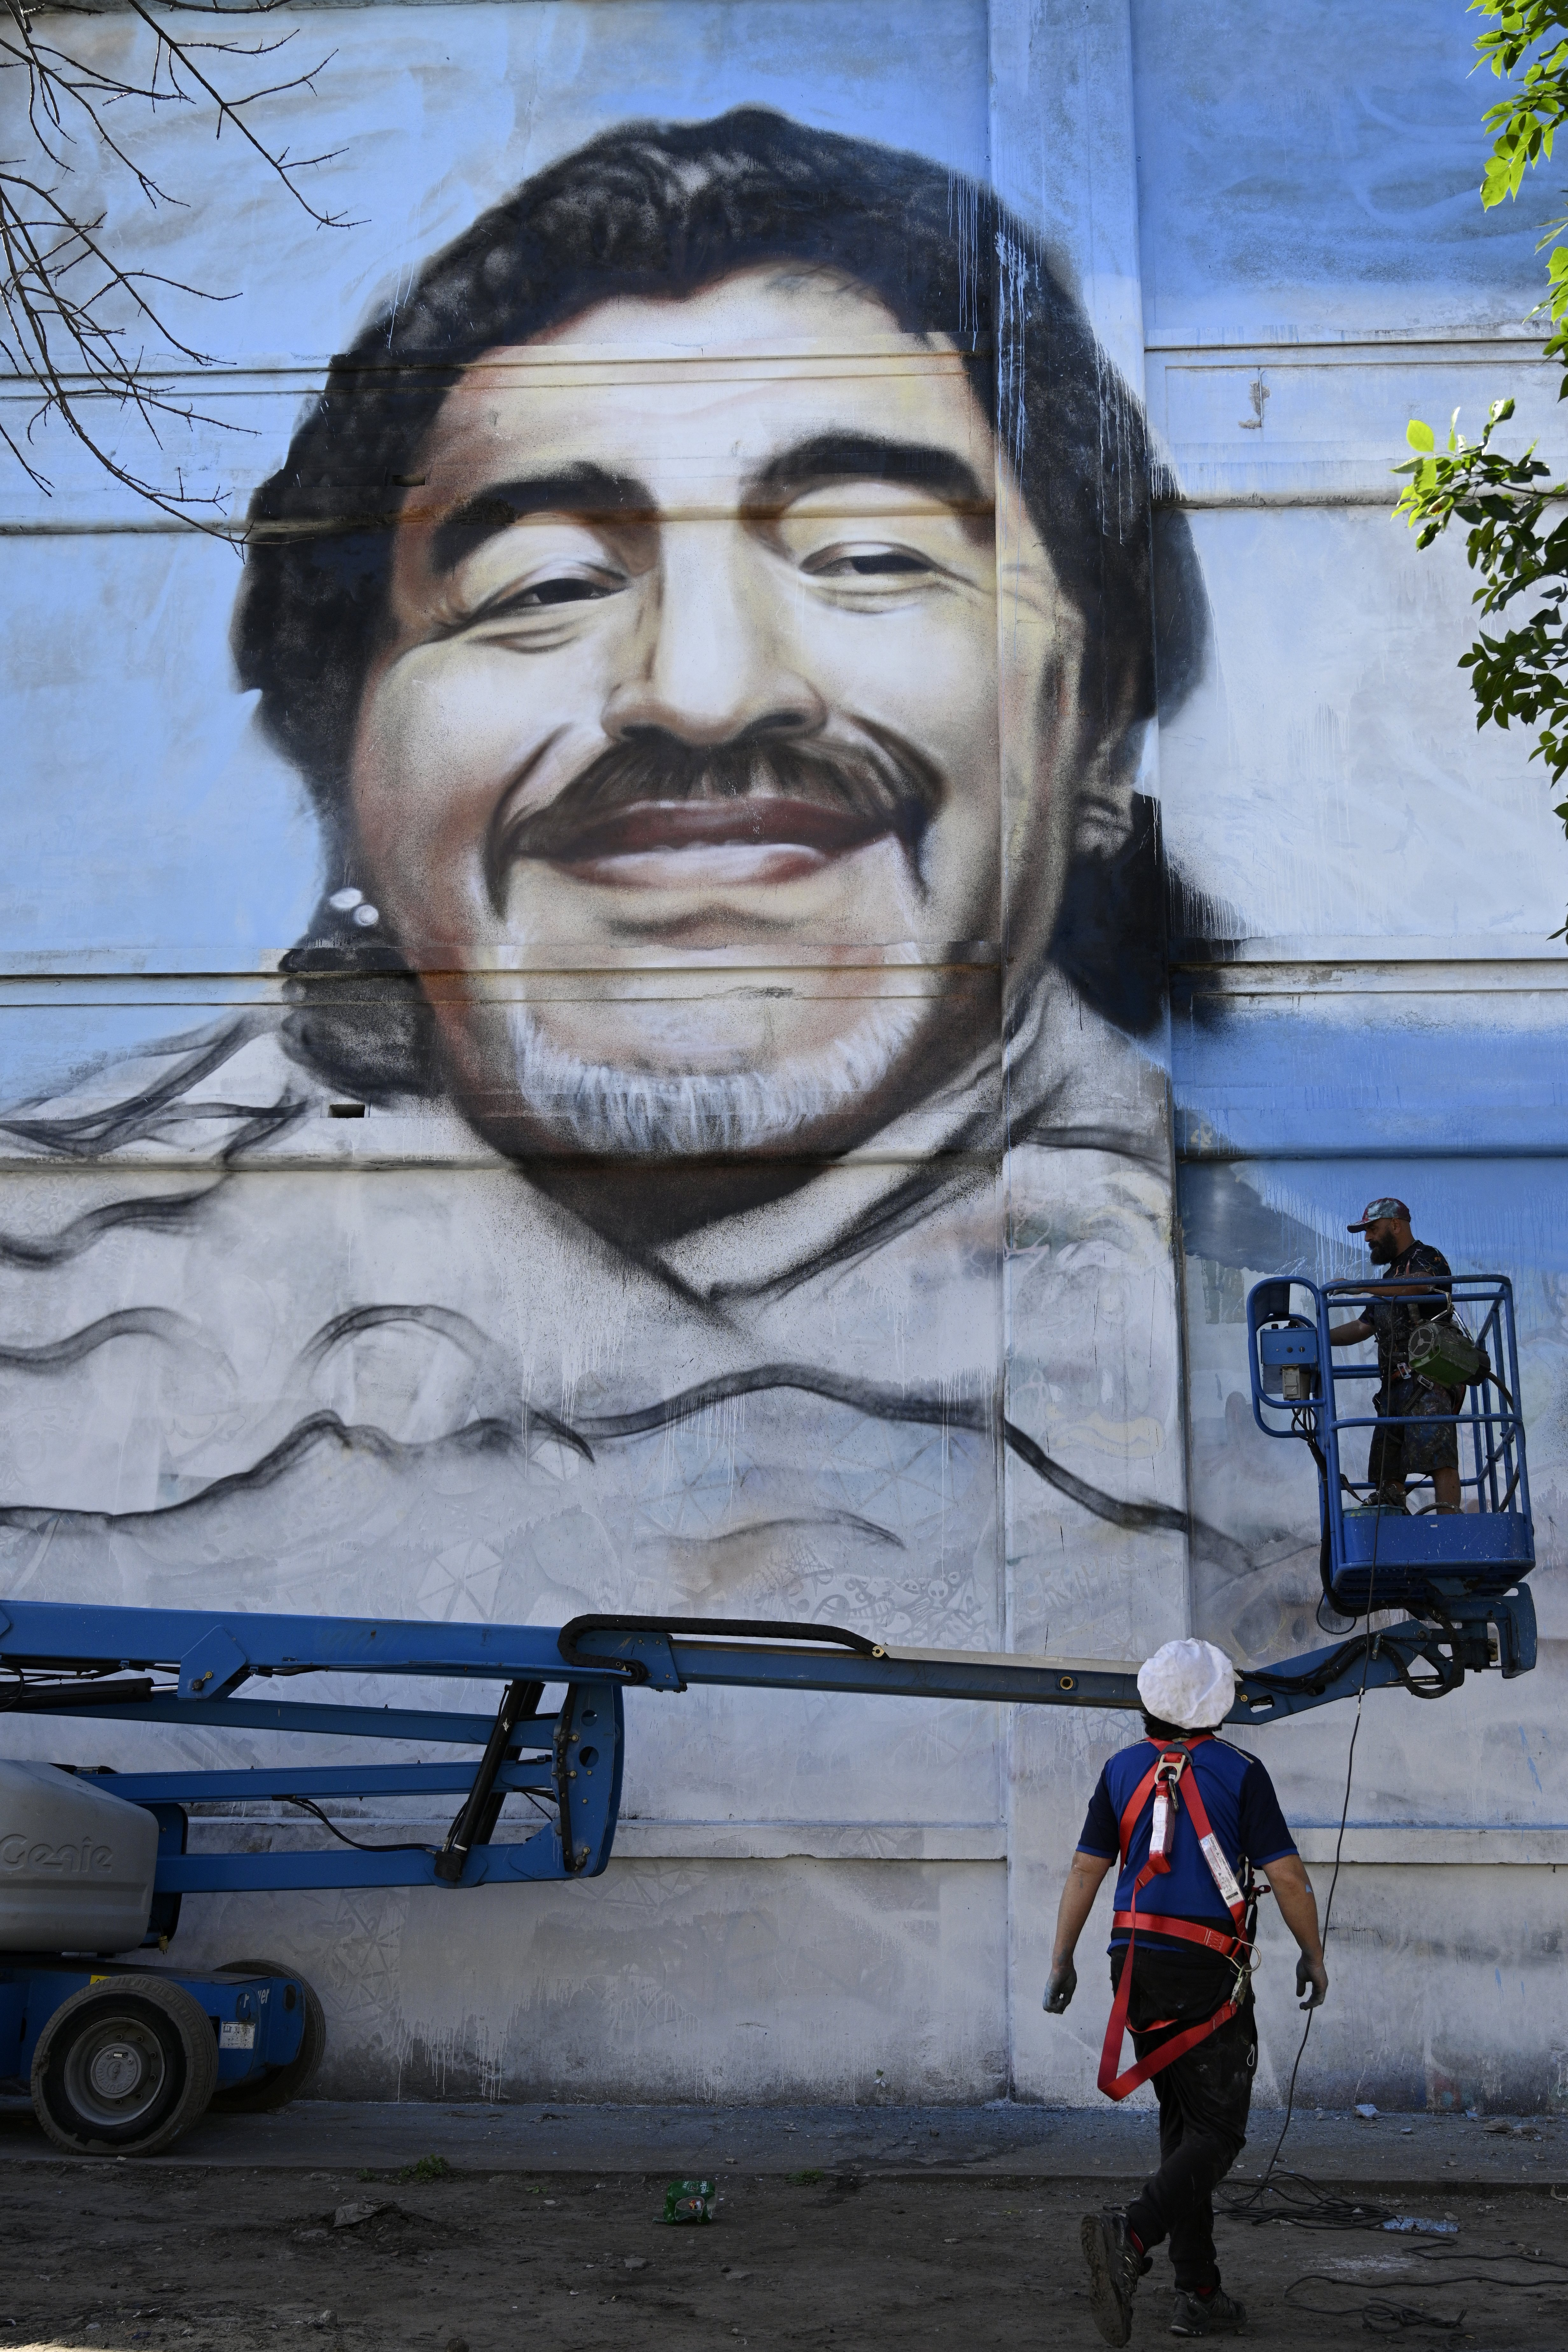 Legisladores proponen una calle Maradona y un circuito cultural en su memoria en Buenos Aires